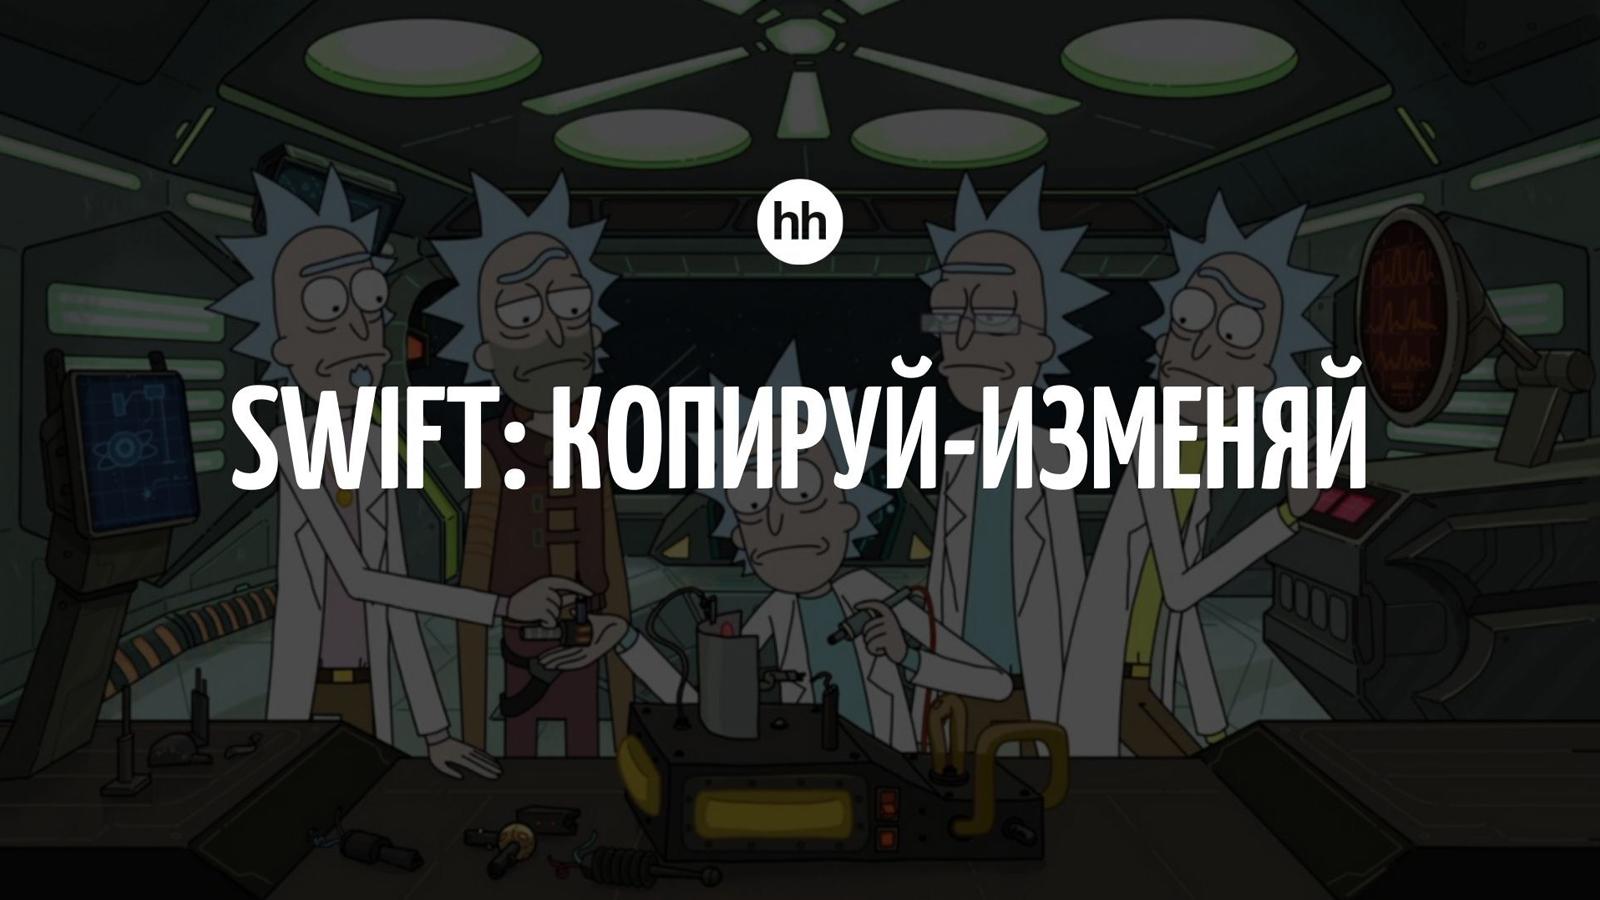 Swift Копируй-изменяй